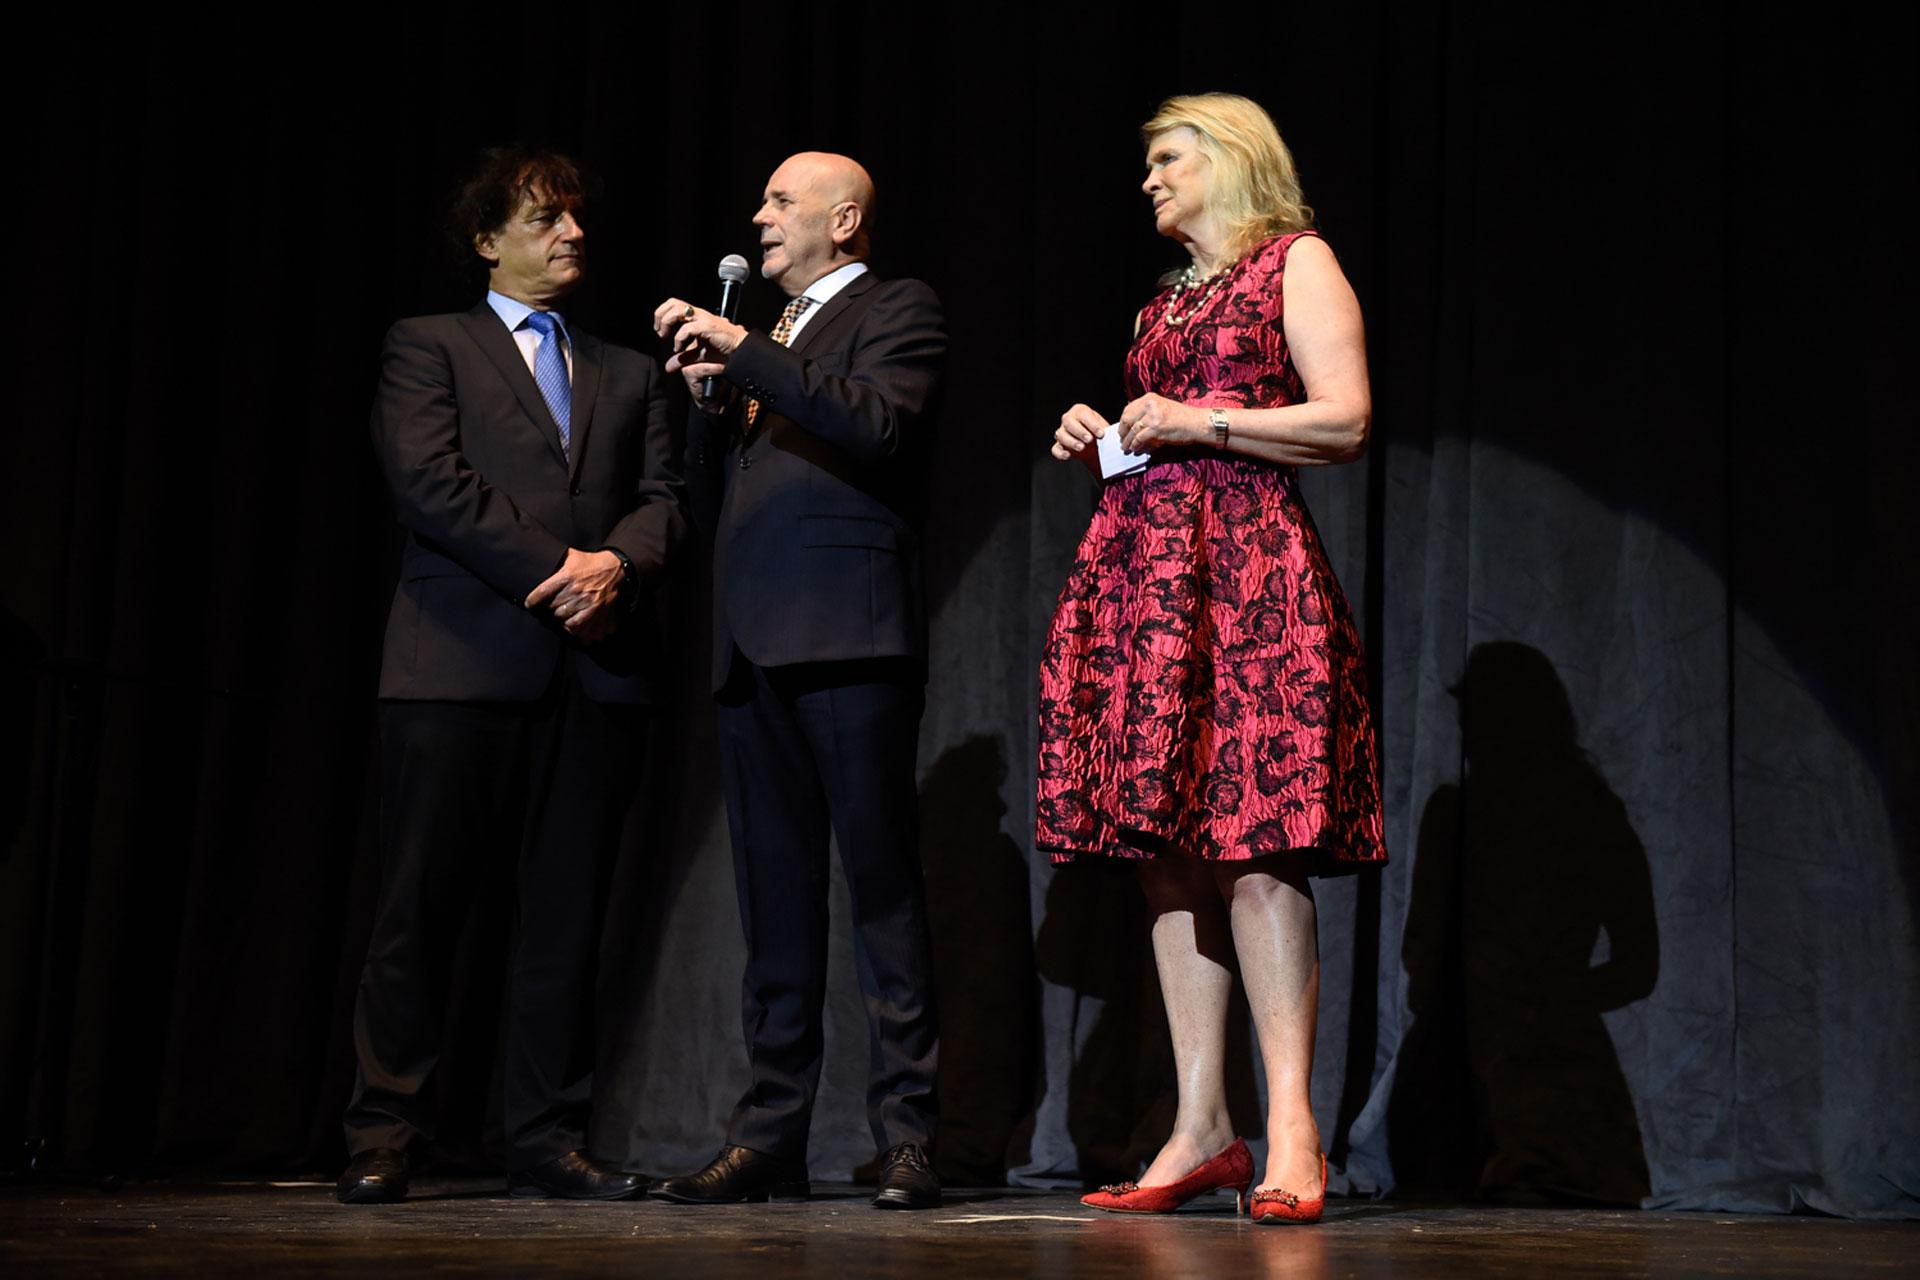 El ministro de Cultura porteño, Ángel Mahler, junto al director del Complejo Teatral de Buenos Aires, Jorge Telerman; y Eva Thesleff de Soldati